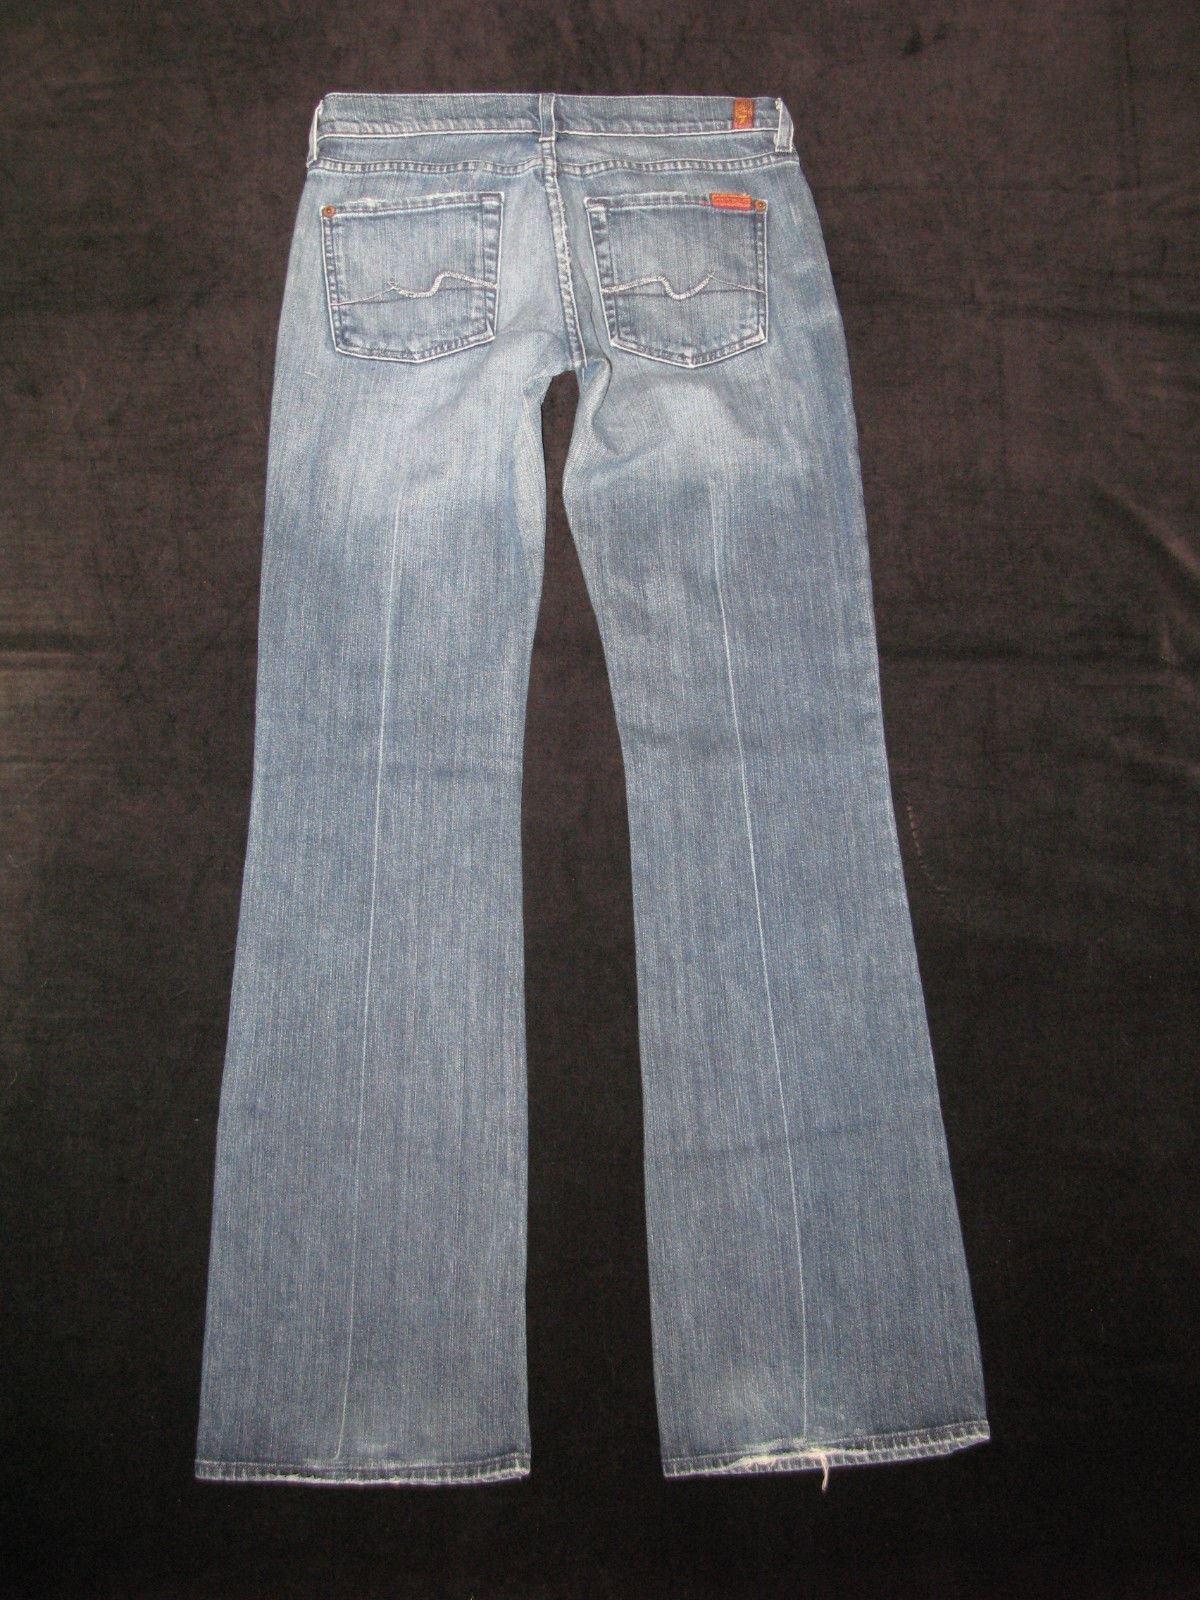 7 Für Alle Damen Bootcut Jeans Sz 32 Mit Stretch Distressed Wash Kleidung & Accessoires